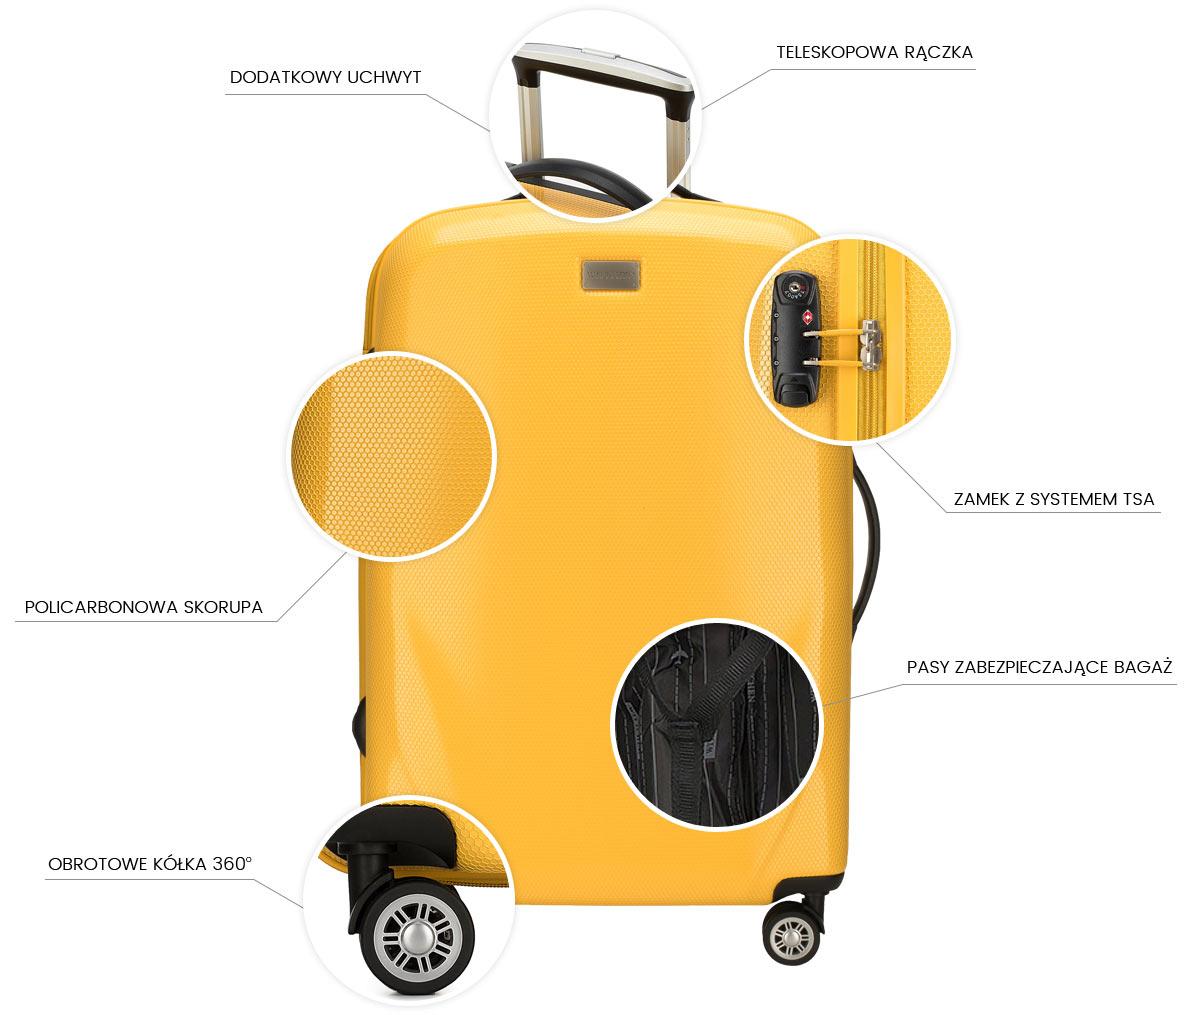 walizka polikarbonowa